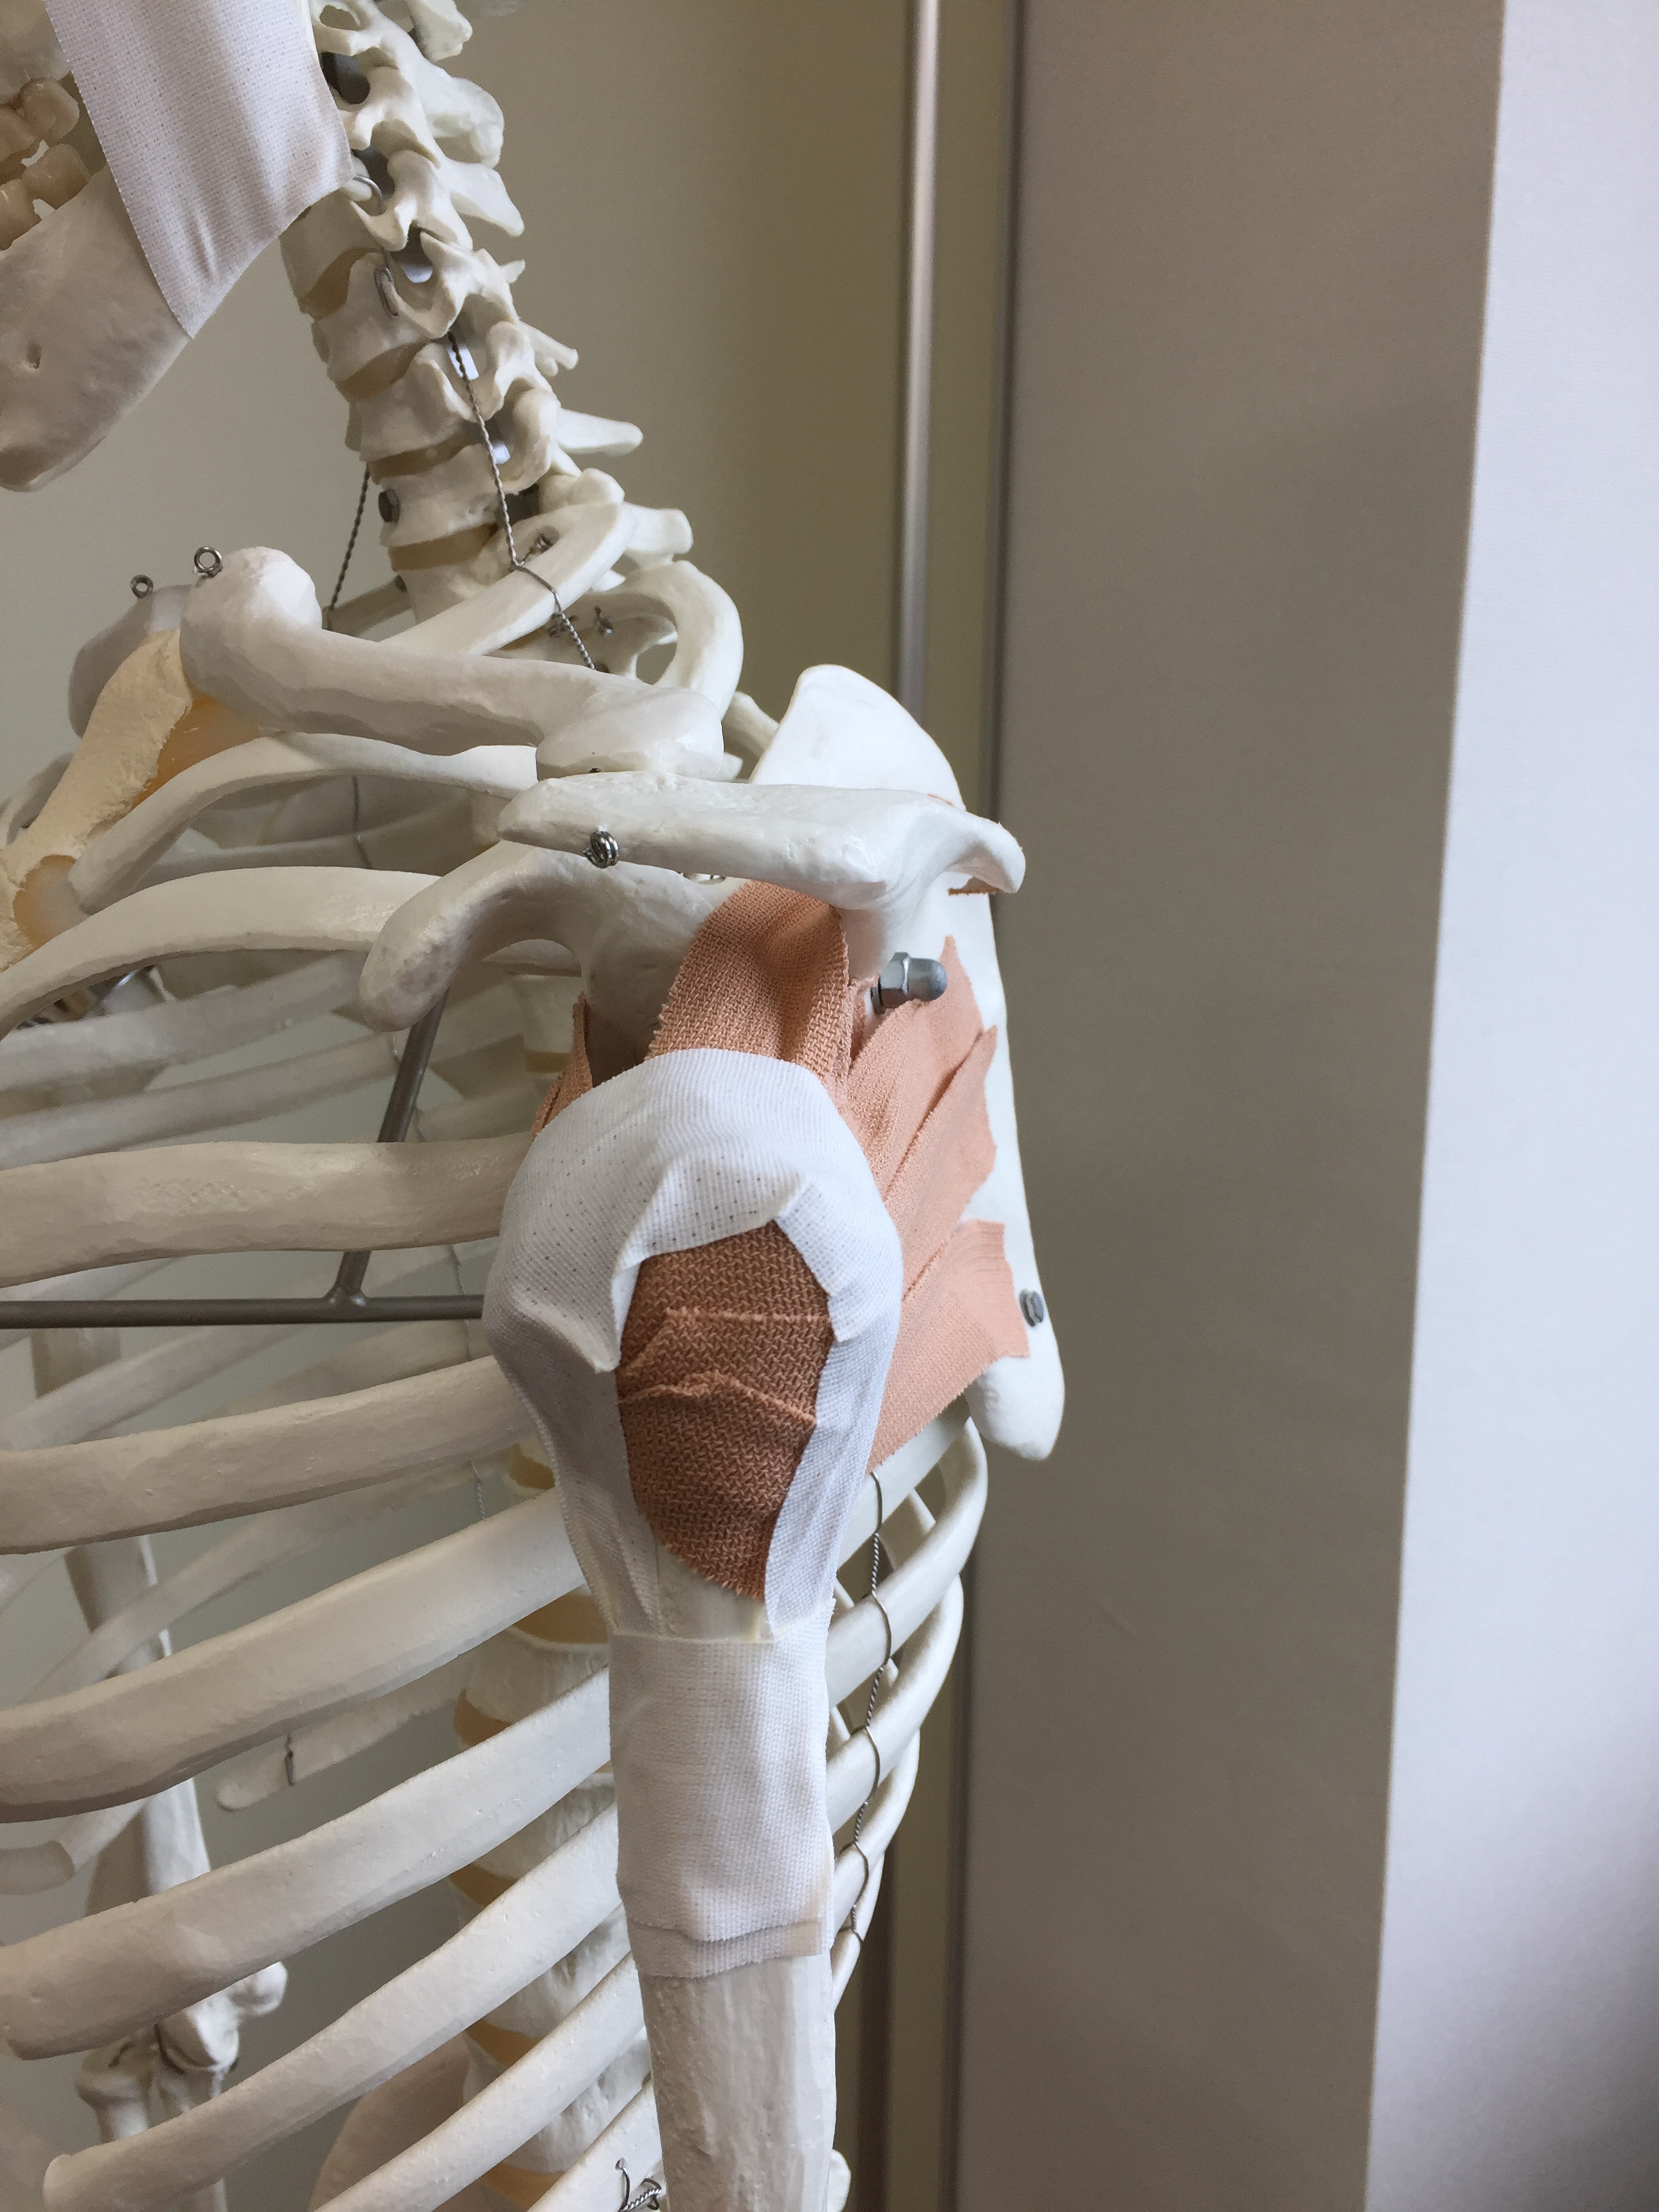 次はローテーターカフを骨模型に張ってみた!